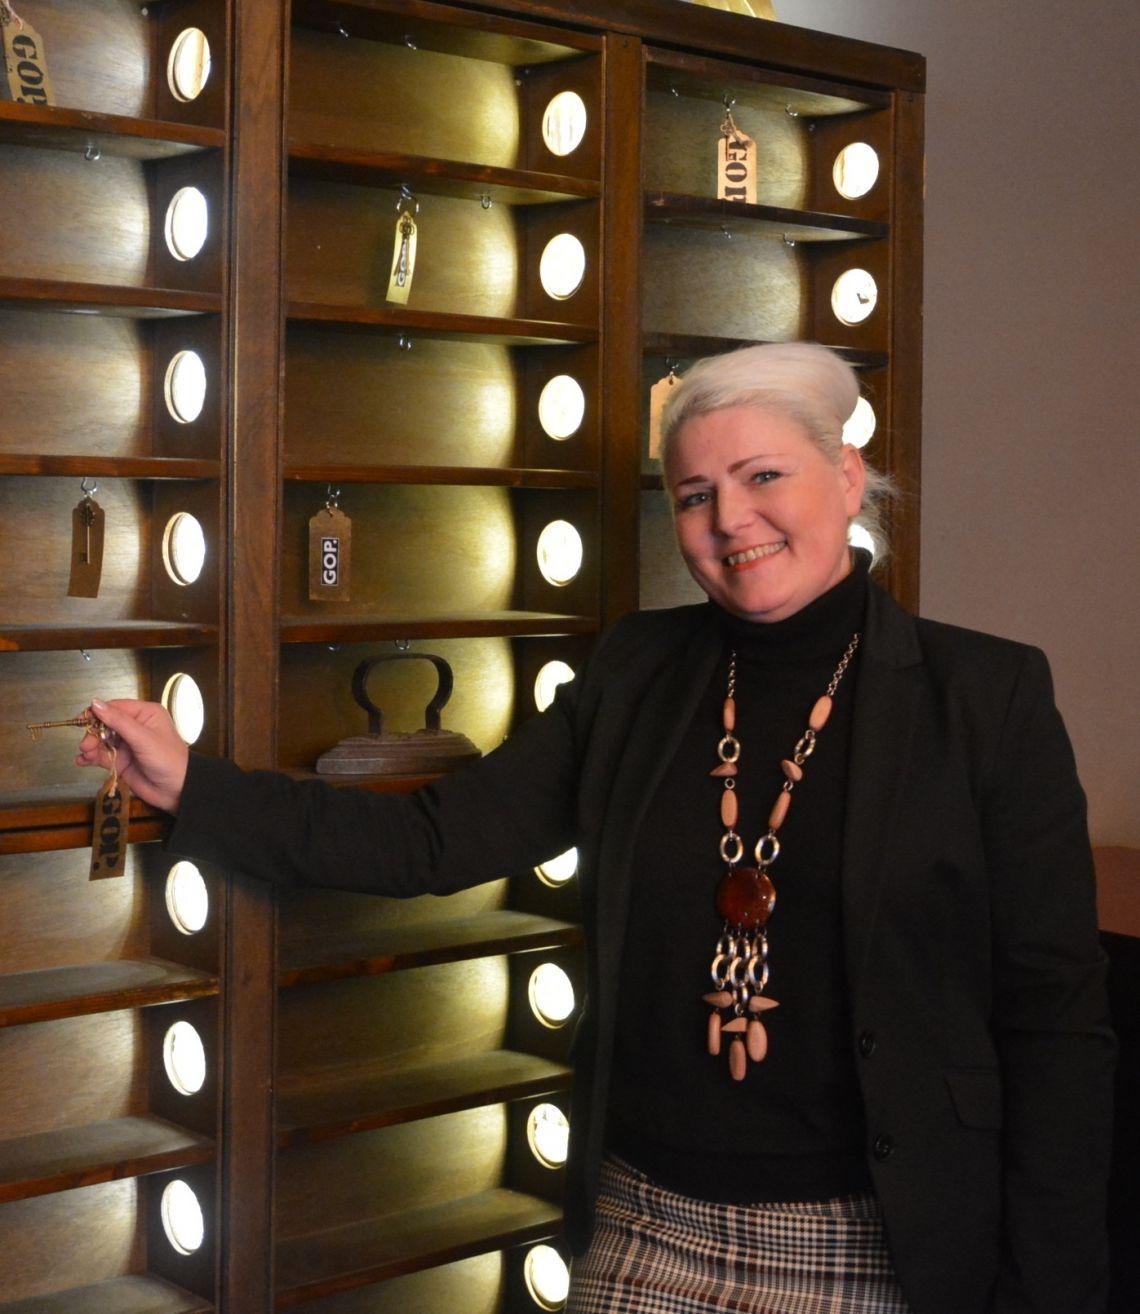 Direktorenwechsel im Essener GOP Varieté-Theater - Nadine Stöckmann übernimmt ab sofort den Führungsposten